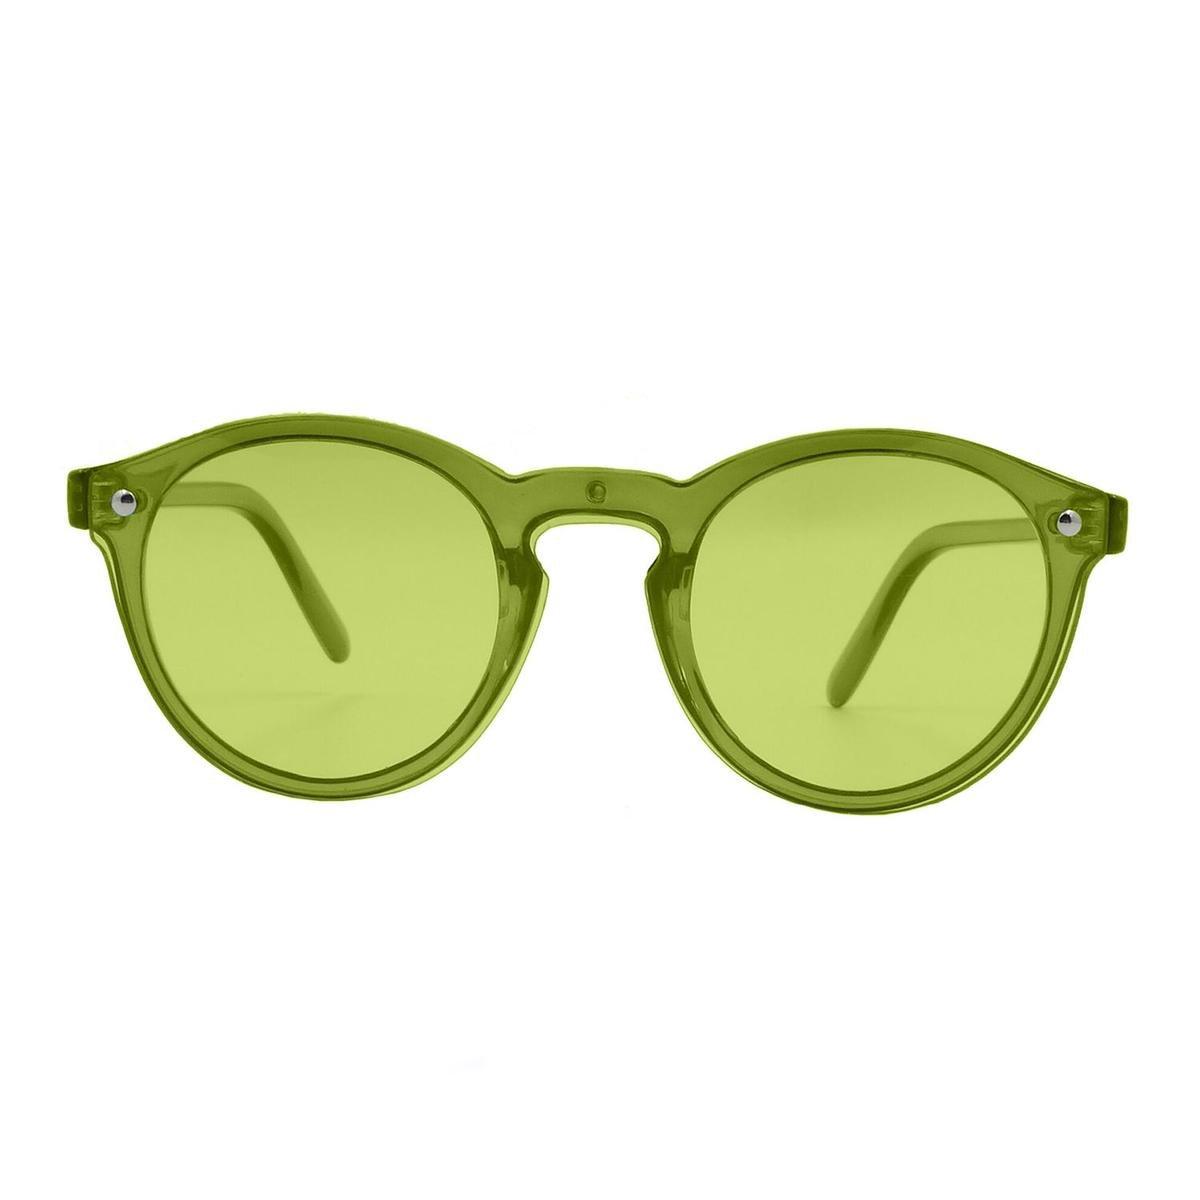 Ocean Sunglasses - Zonnebril - Unisex - 75009-7_MILAN_TRANSPARENTGREEN - Ocean Sunglasses